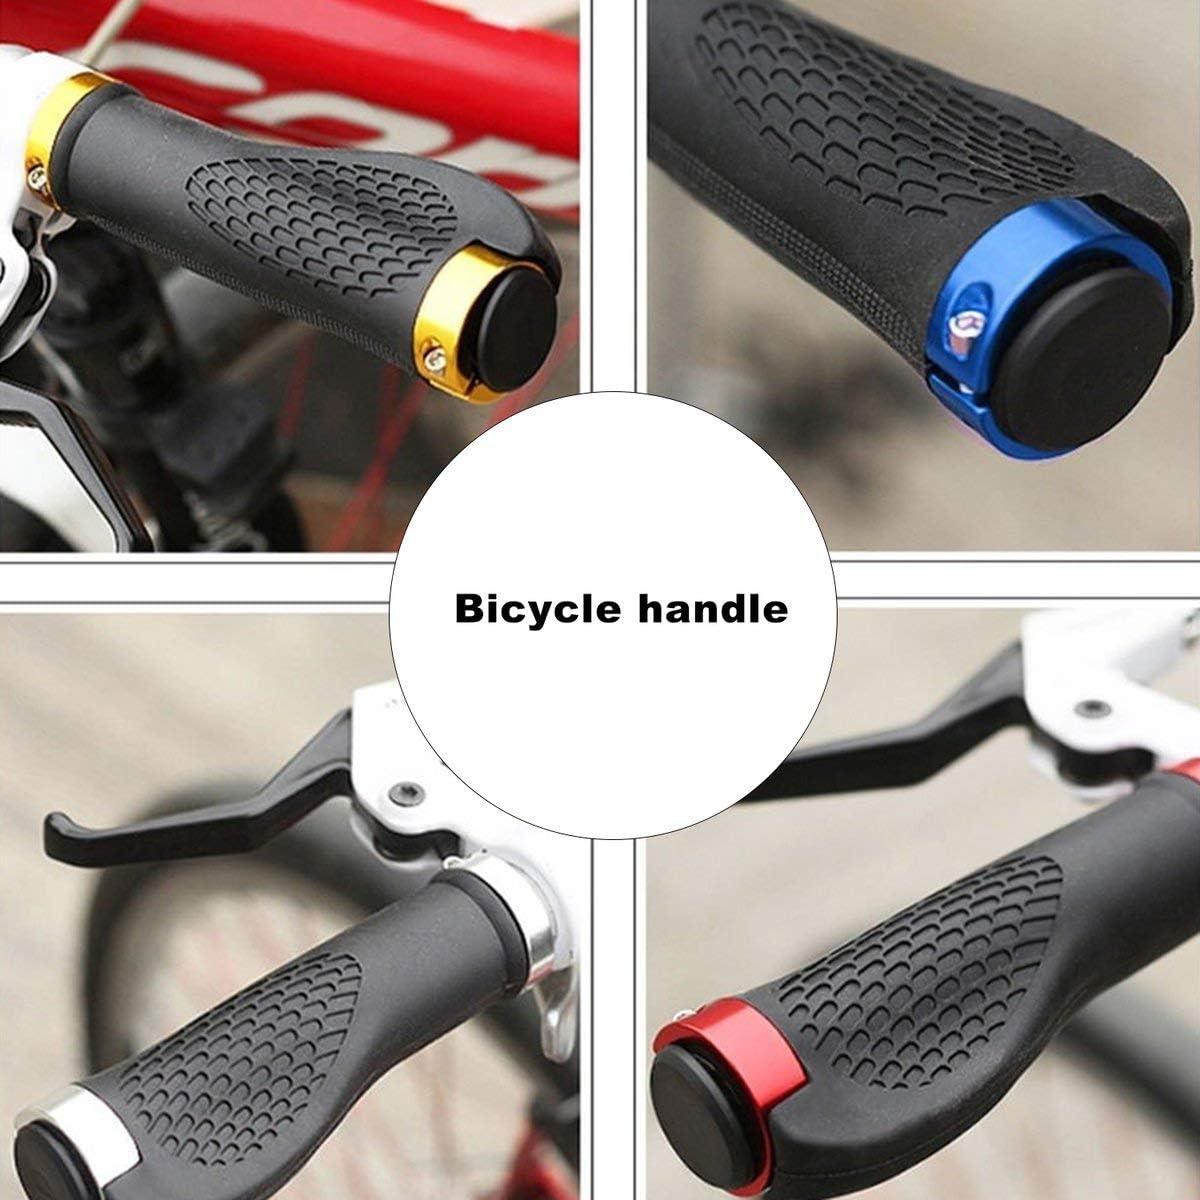 Greatangle Poign/ées de Guidon de v/élo ergonomiques antid/érapantes durables en Caoutchouc de v/élo de Montagne poign/ée de Barre de Cyclisme extr/émit/és verrouillables Guidon Bleu Royal